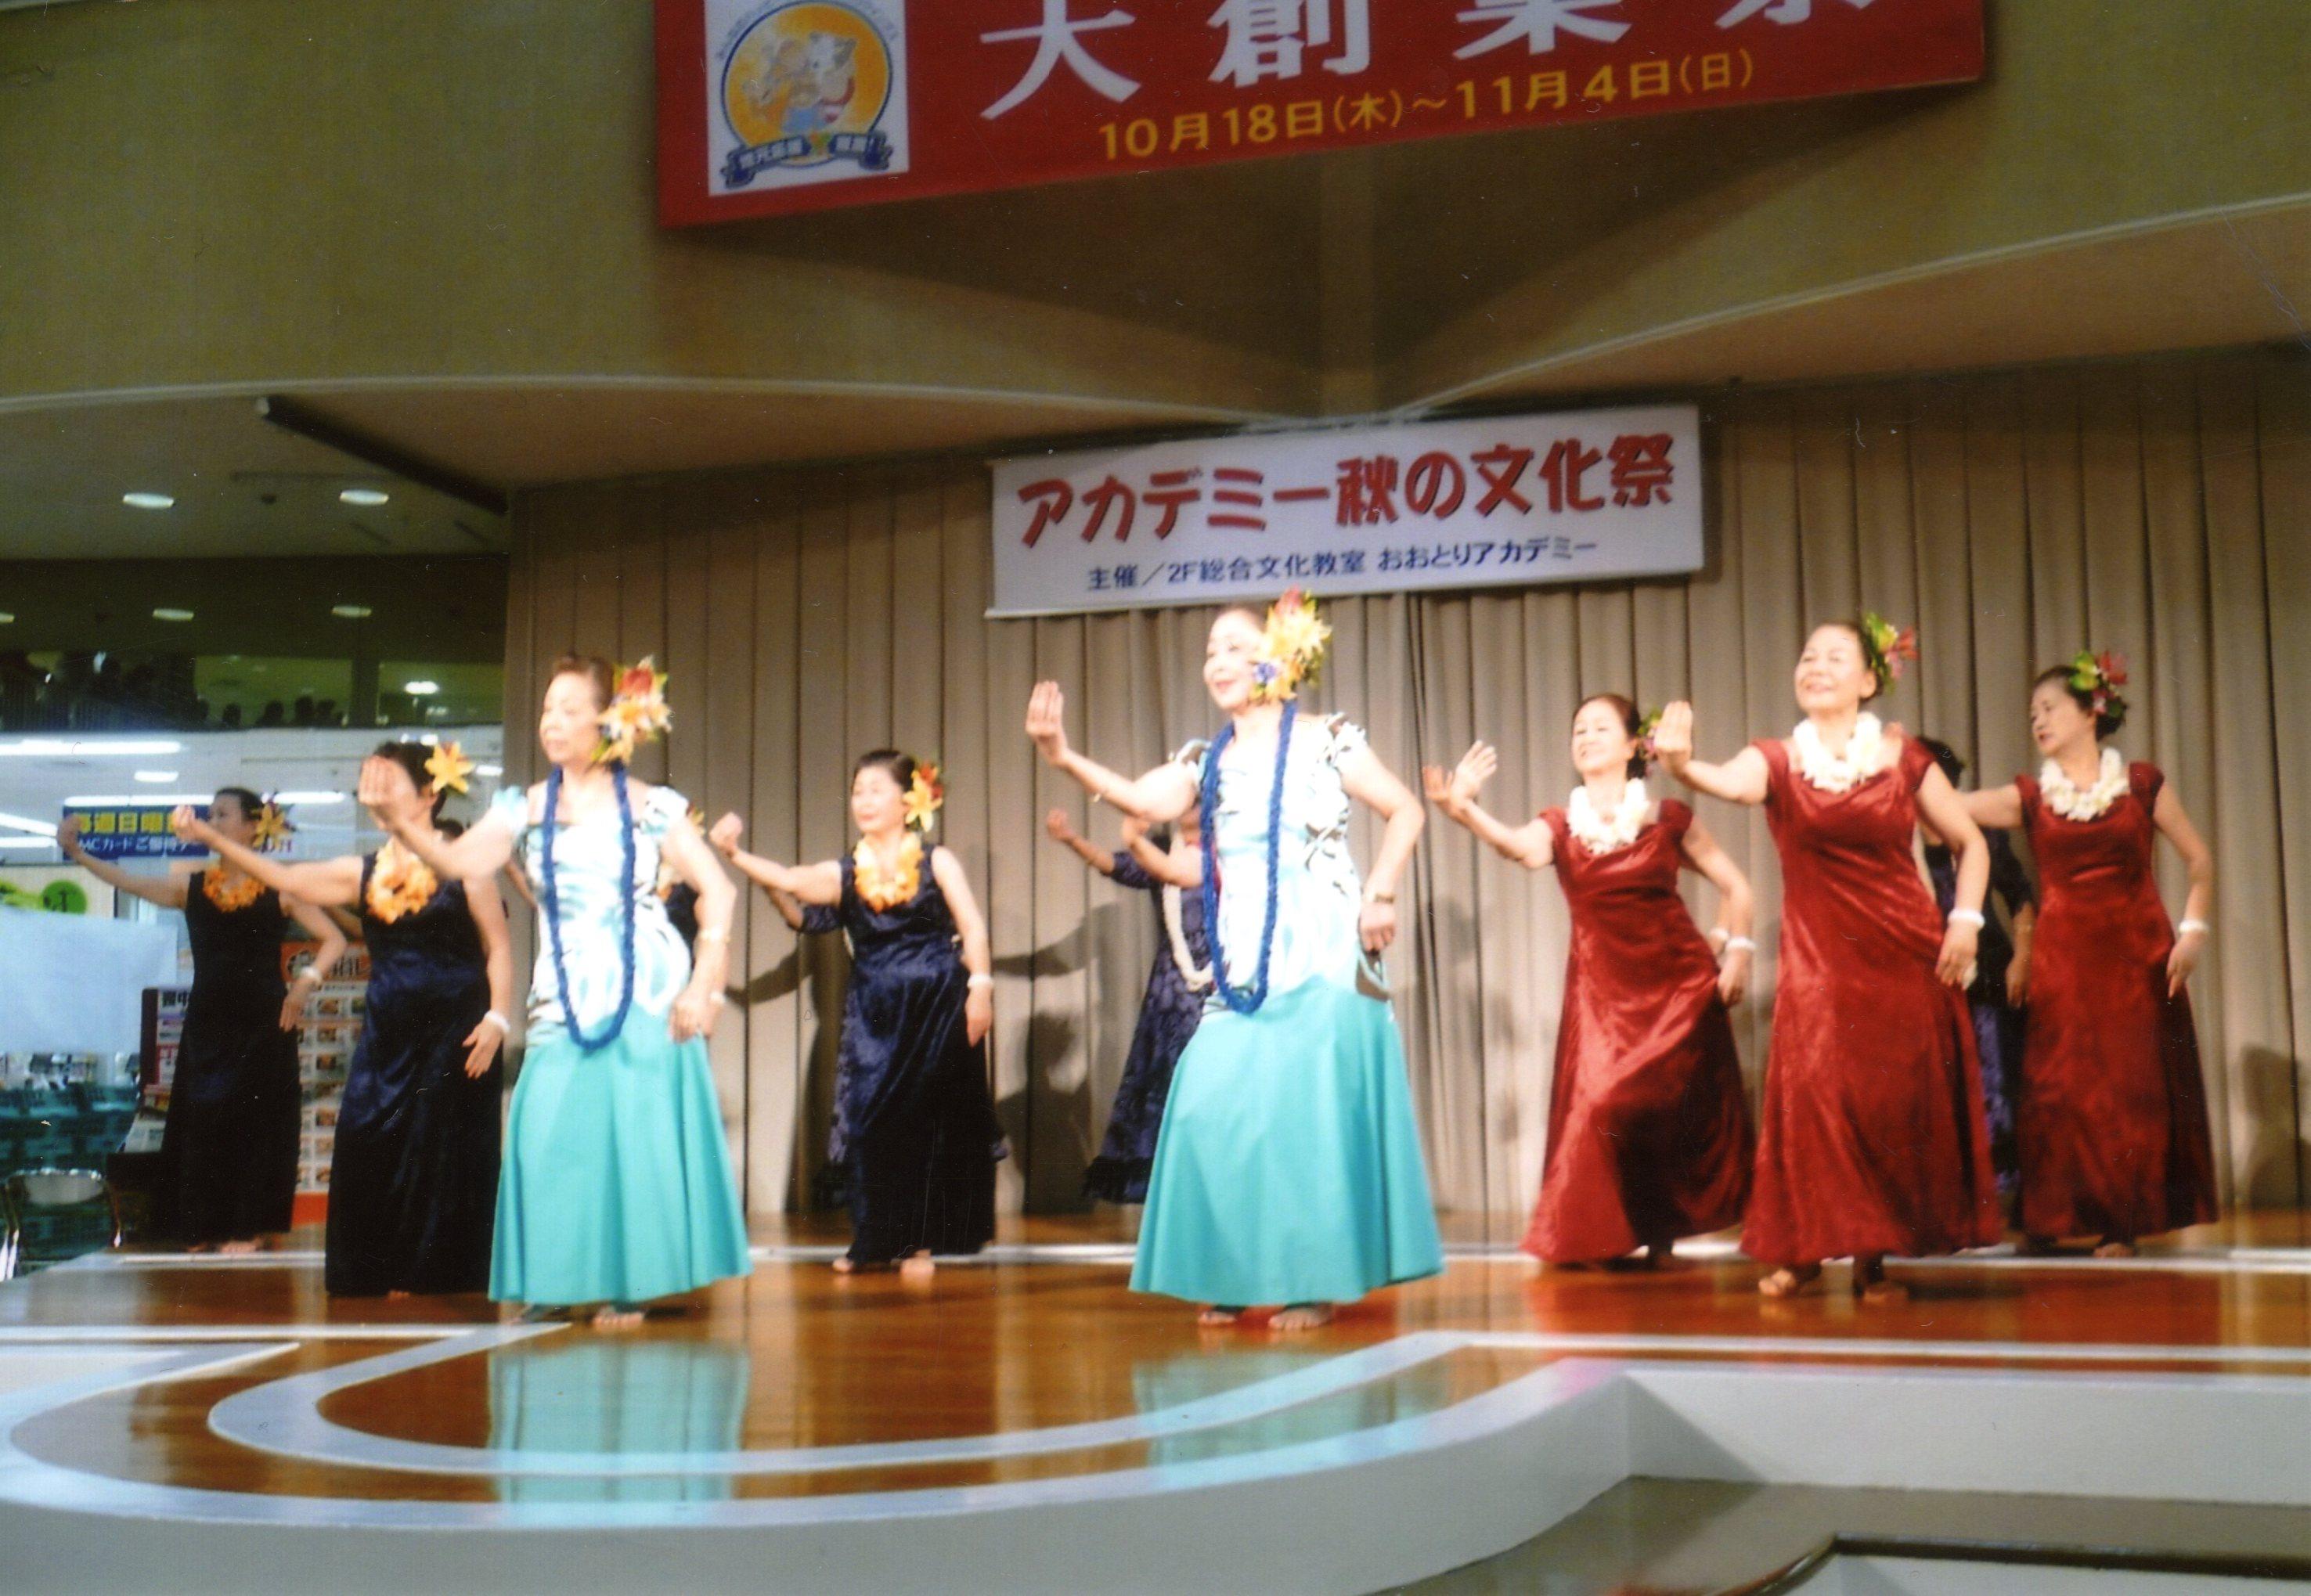 2012年11月3日(土) おおとりアカデミー 秋の会